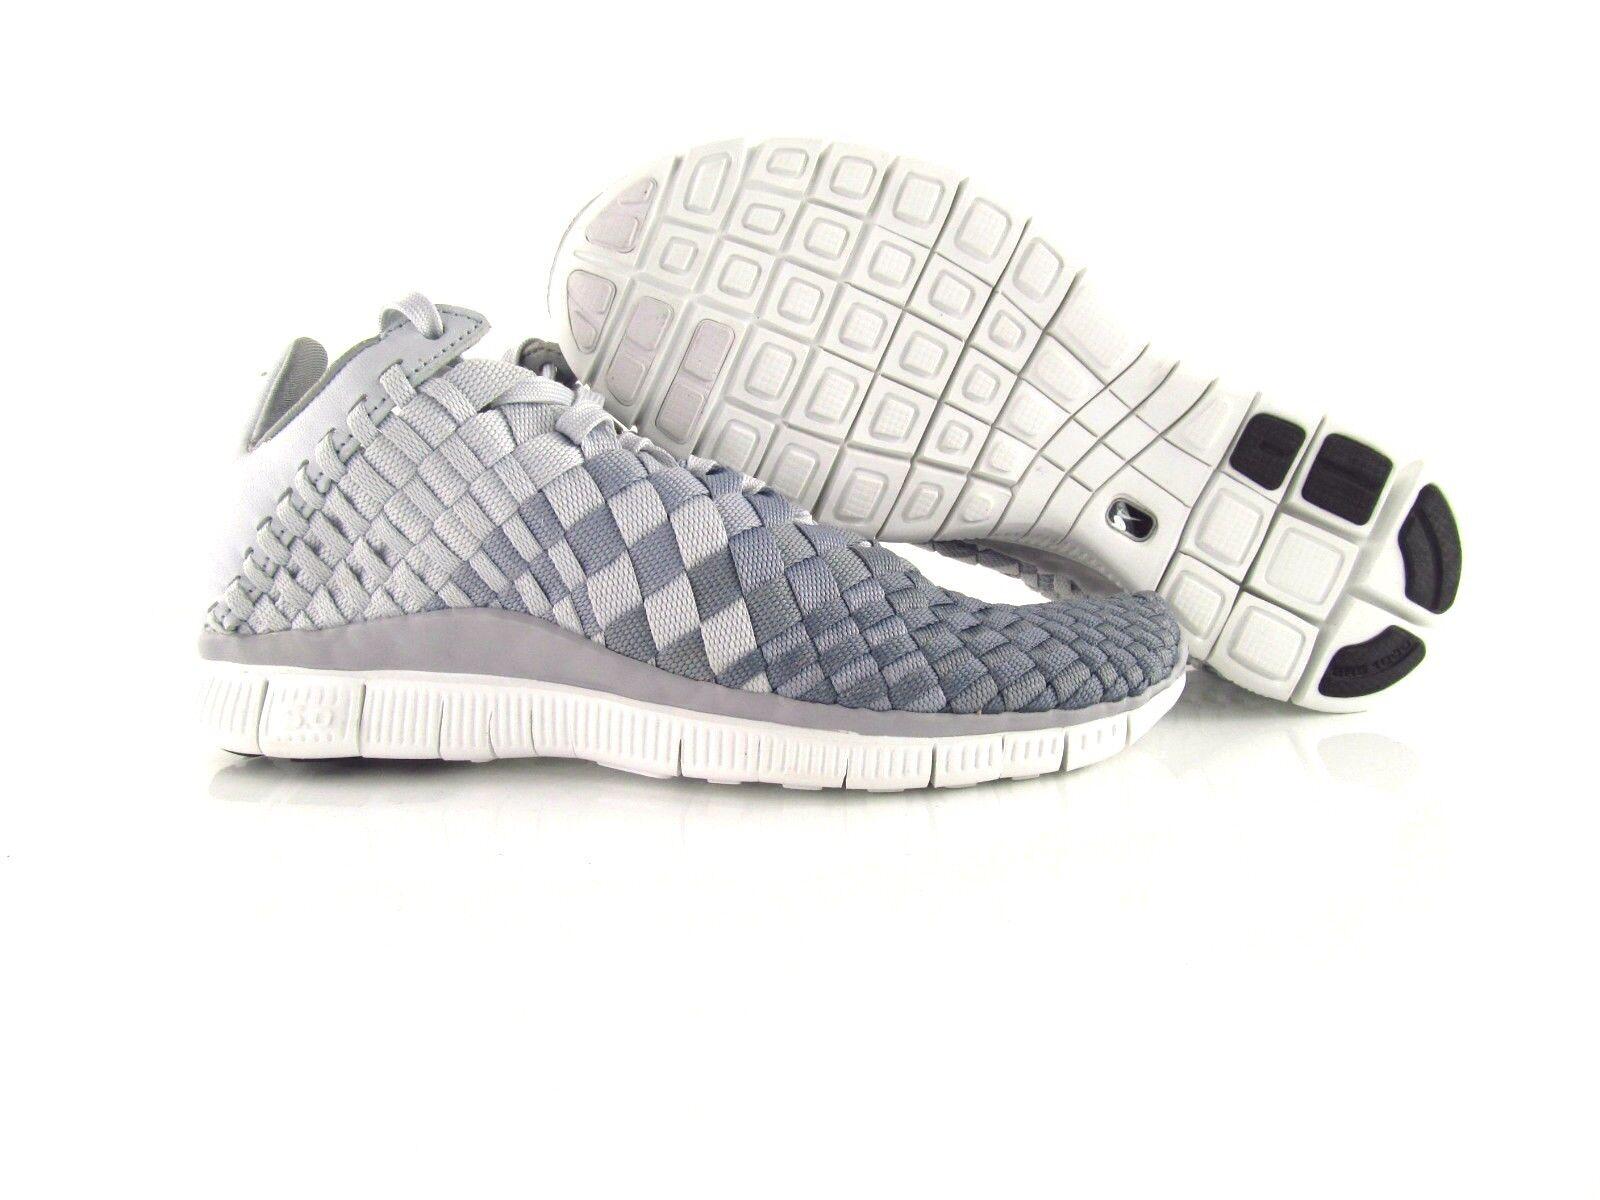 Nike Platinum Free Inneva Woven Pure Platinum Nike Grau New UK_3.5 US_6 Eur 36.5 7e589c